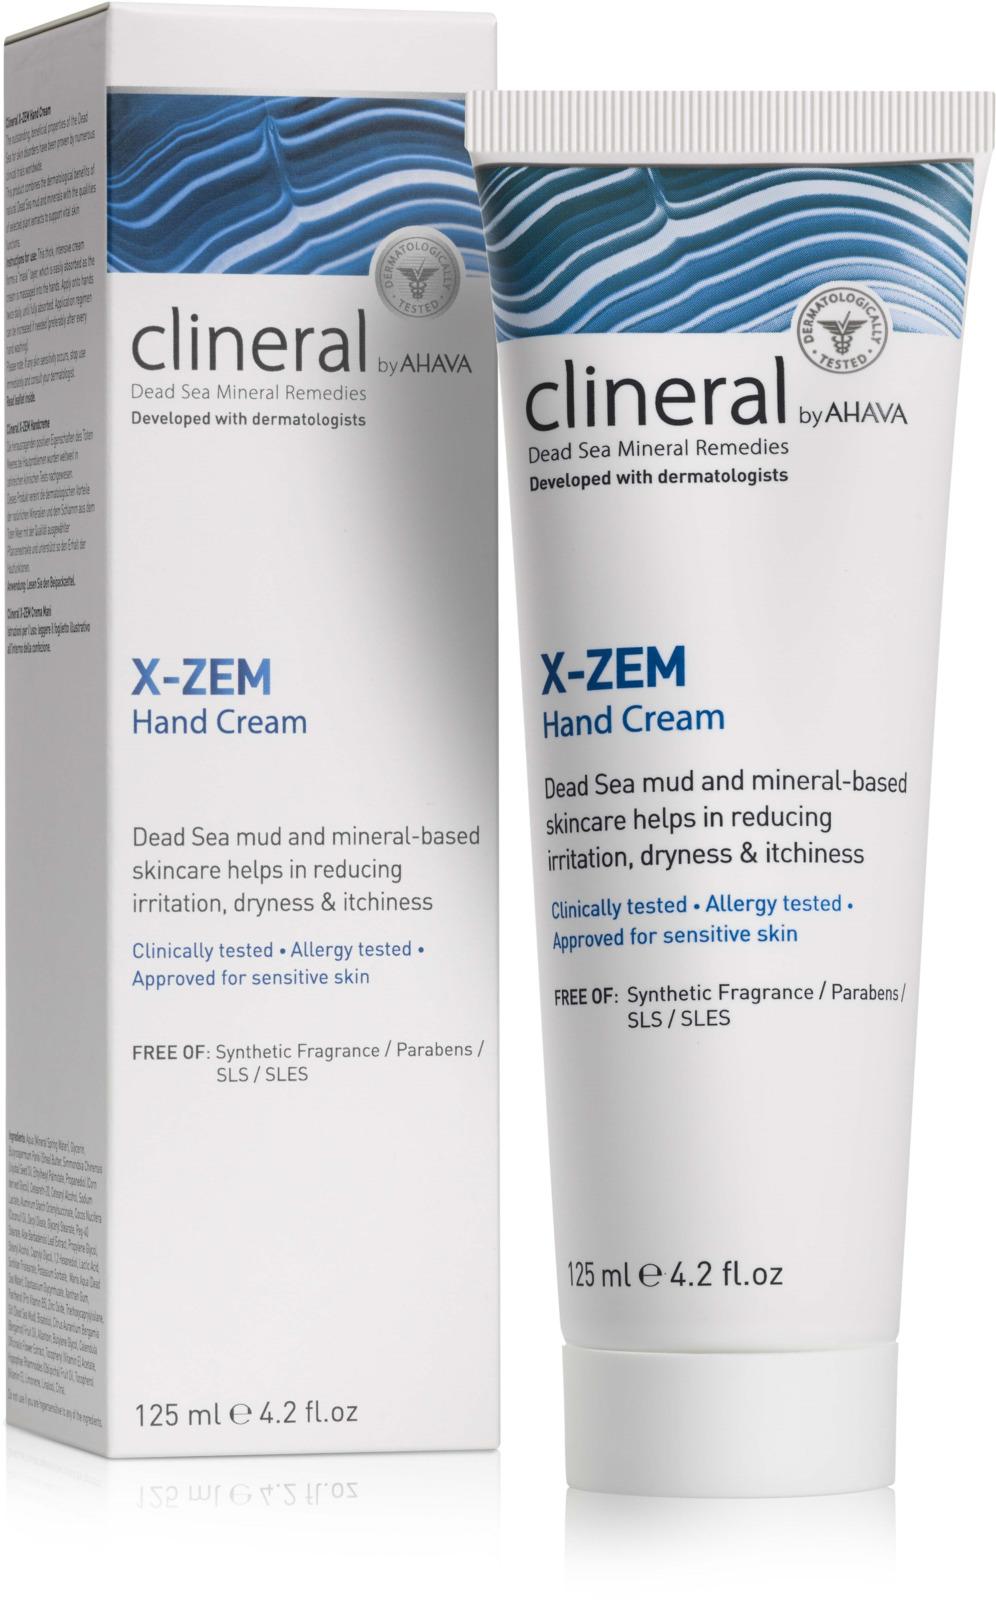 Крем для рук Ahava Clineral X-zem, 125 мл крем для рук ahava clineral x zem 125 мл